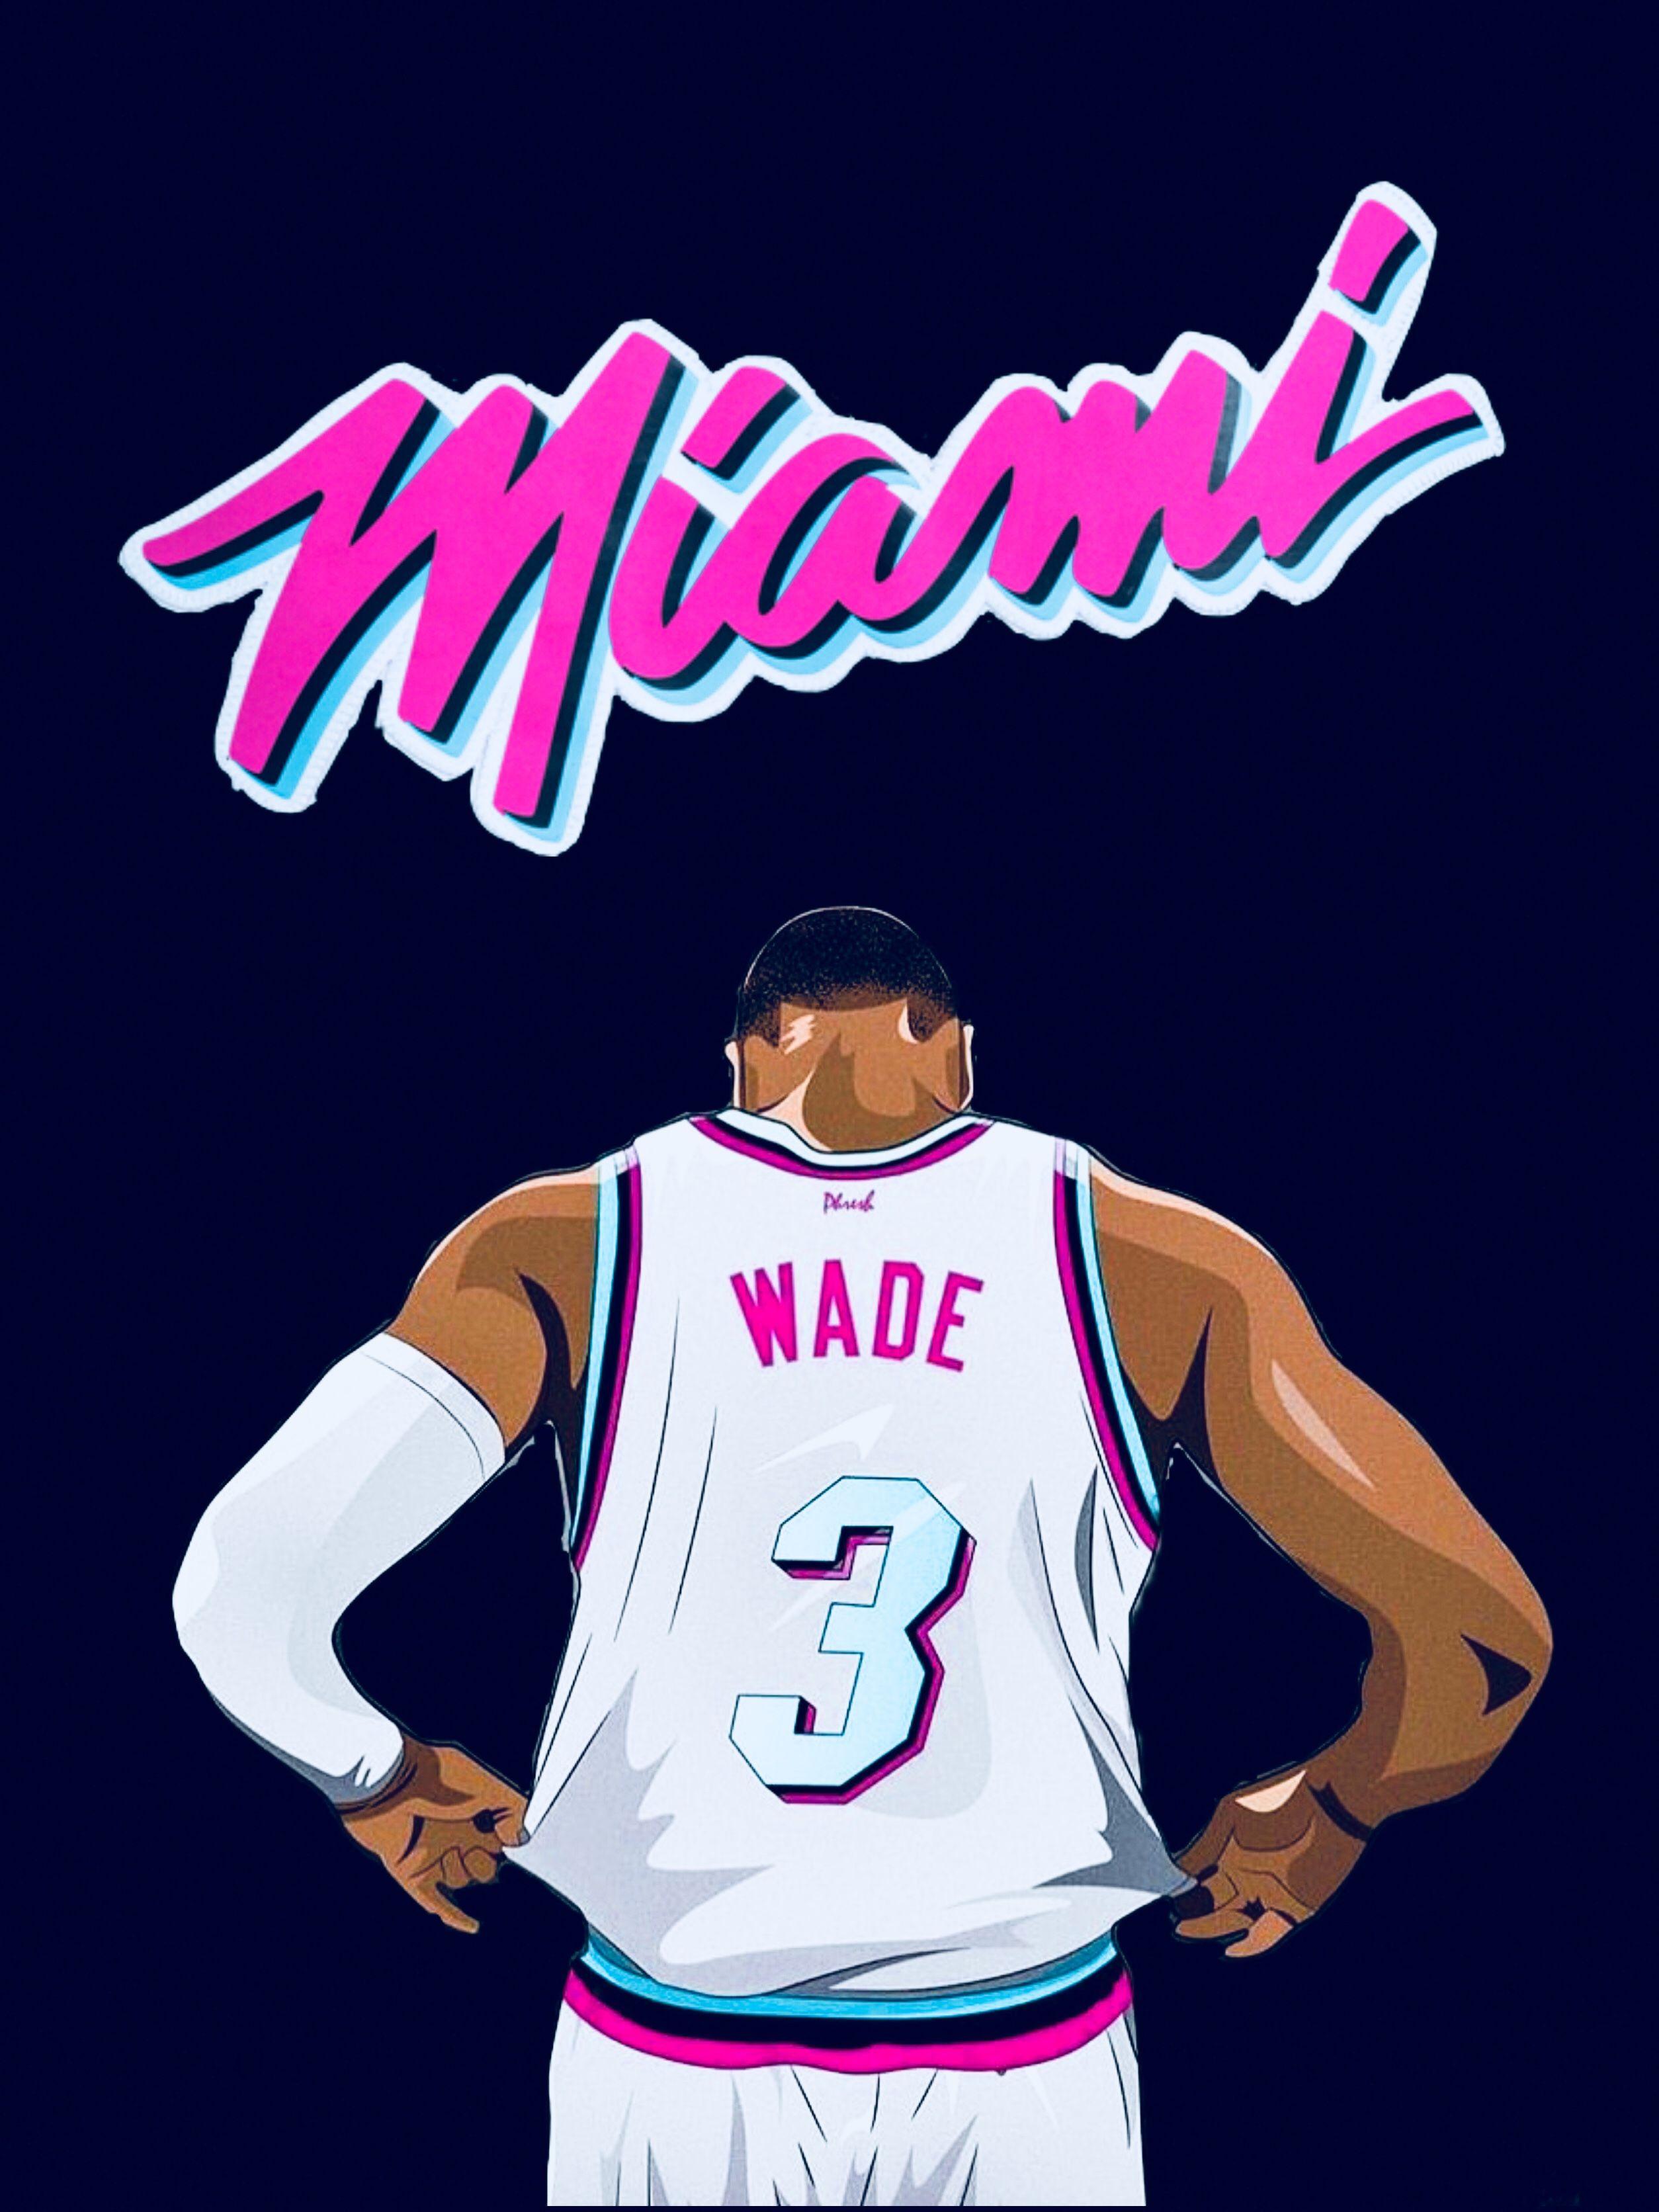 dwyane wade wallpaper,jersey,basketball spieler,sportbekleidung ...